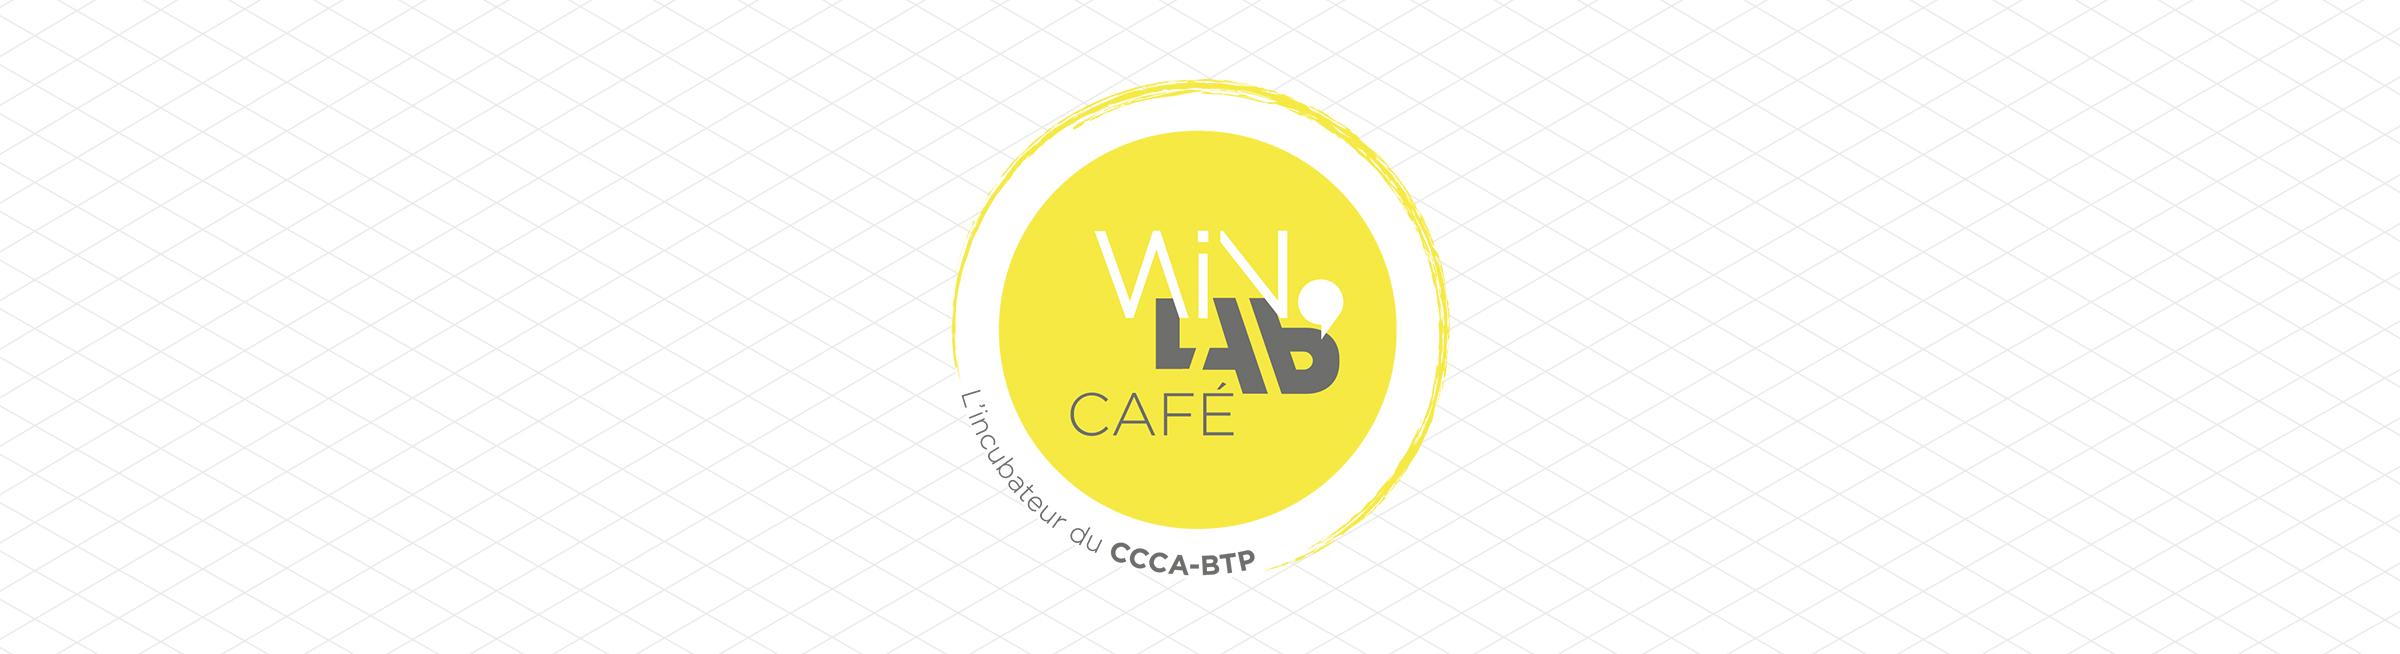 01_CAFE_LOGO